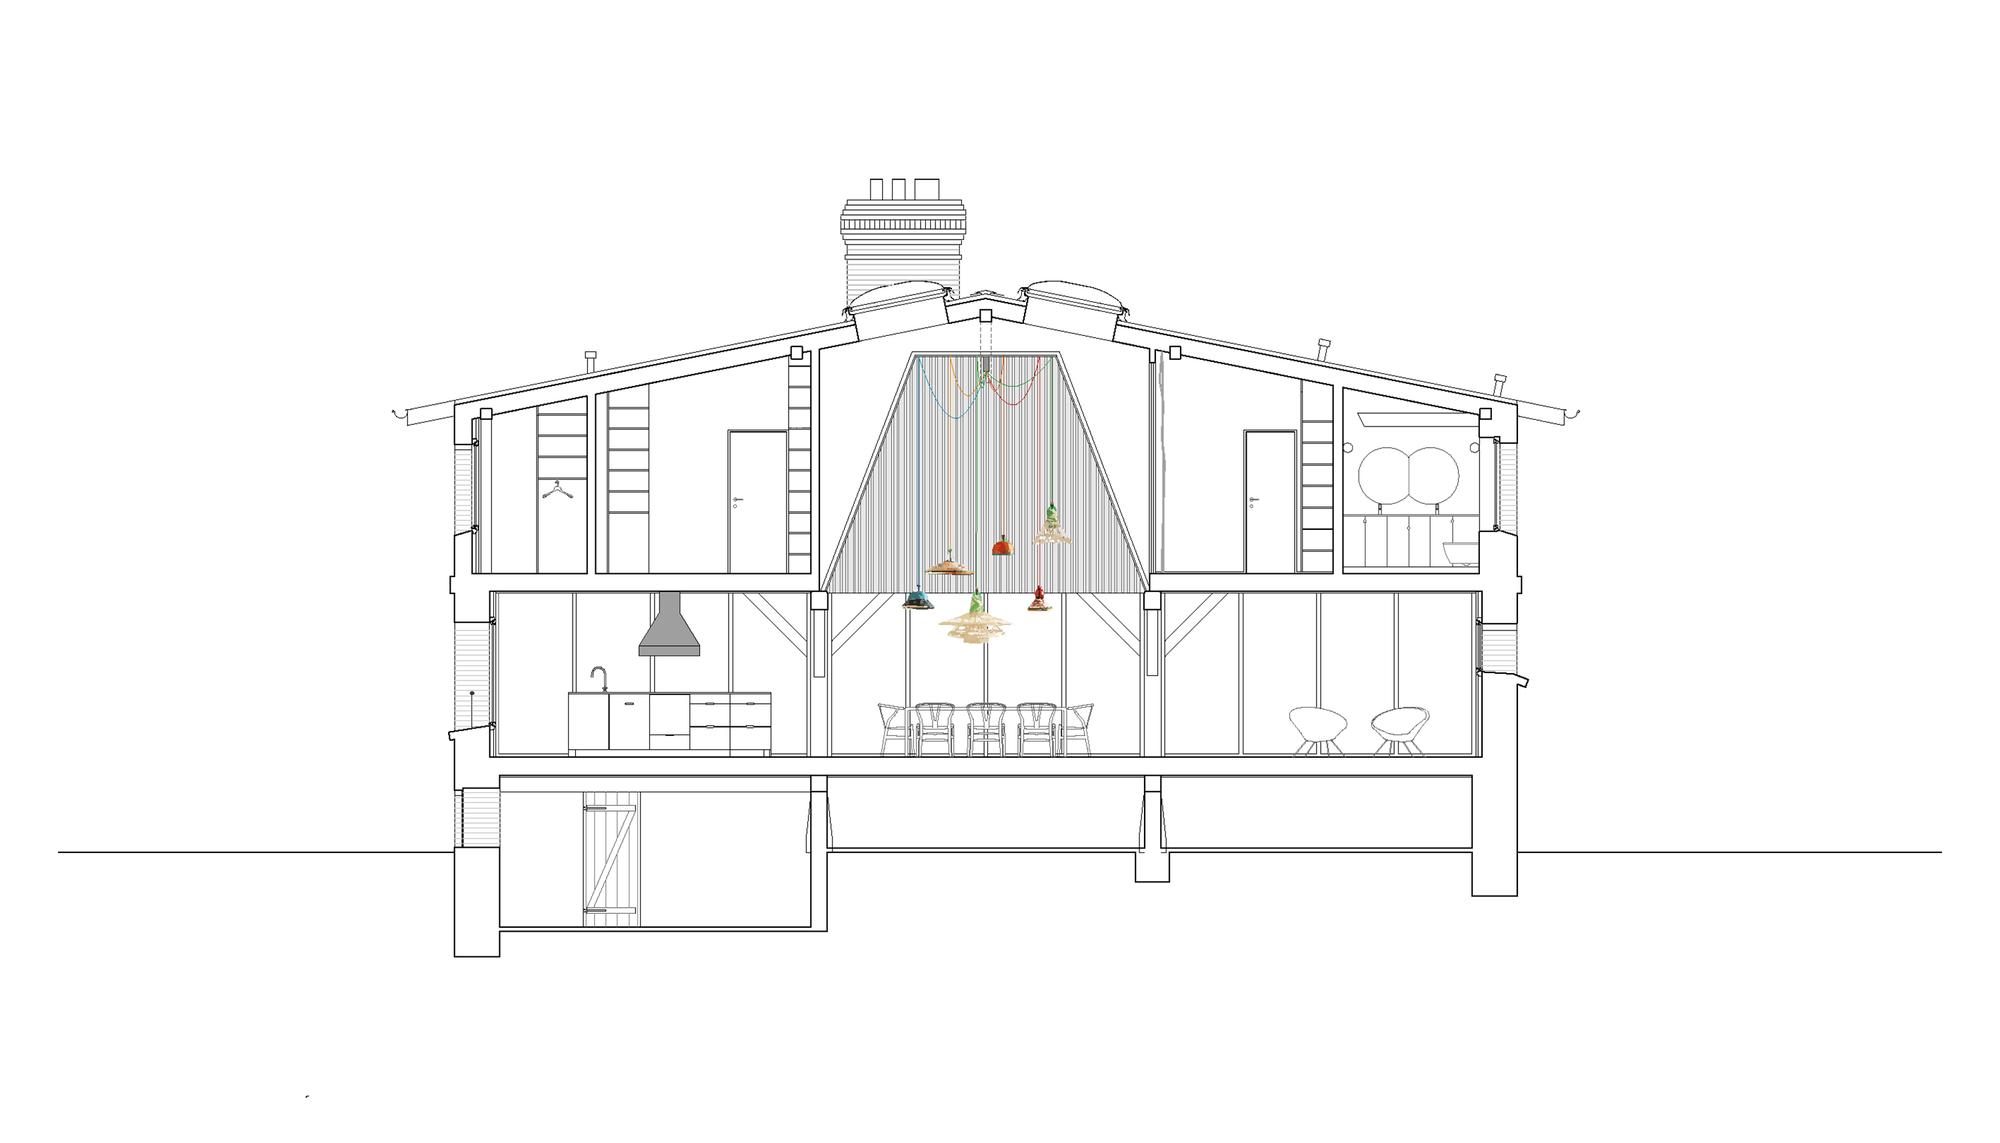 Landhaus / Thomas Kröger (2)